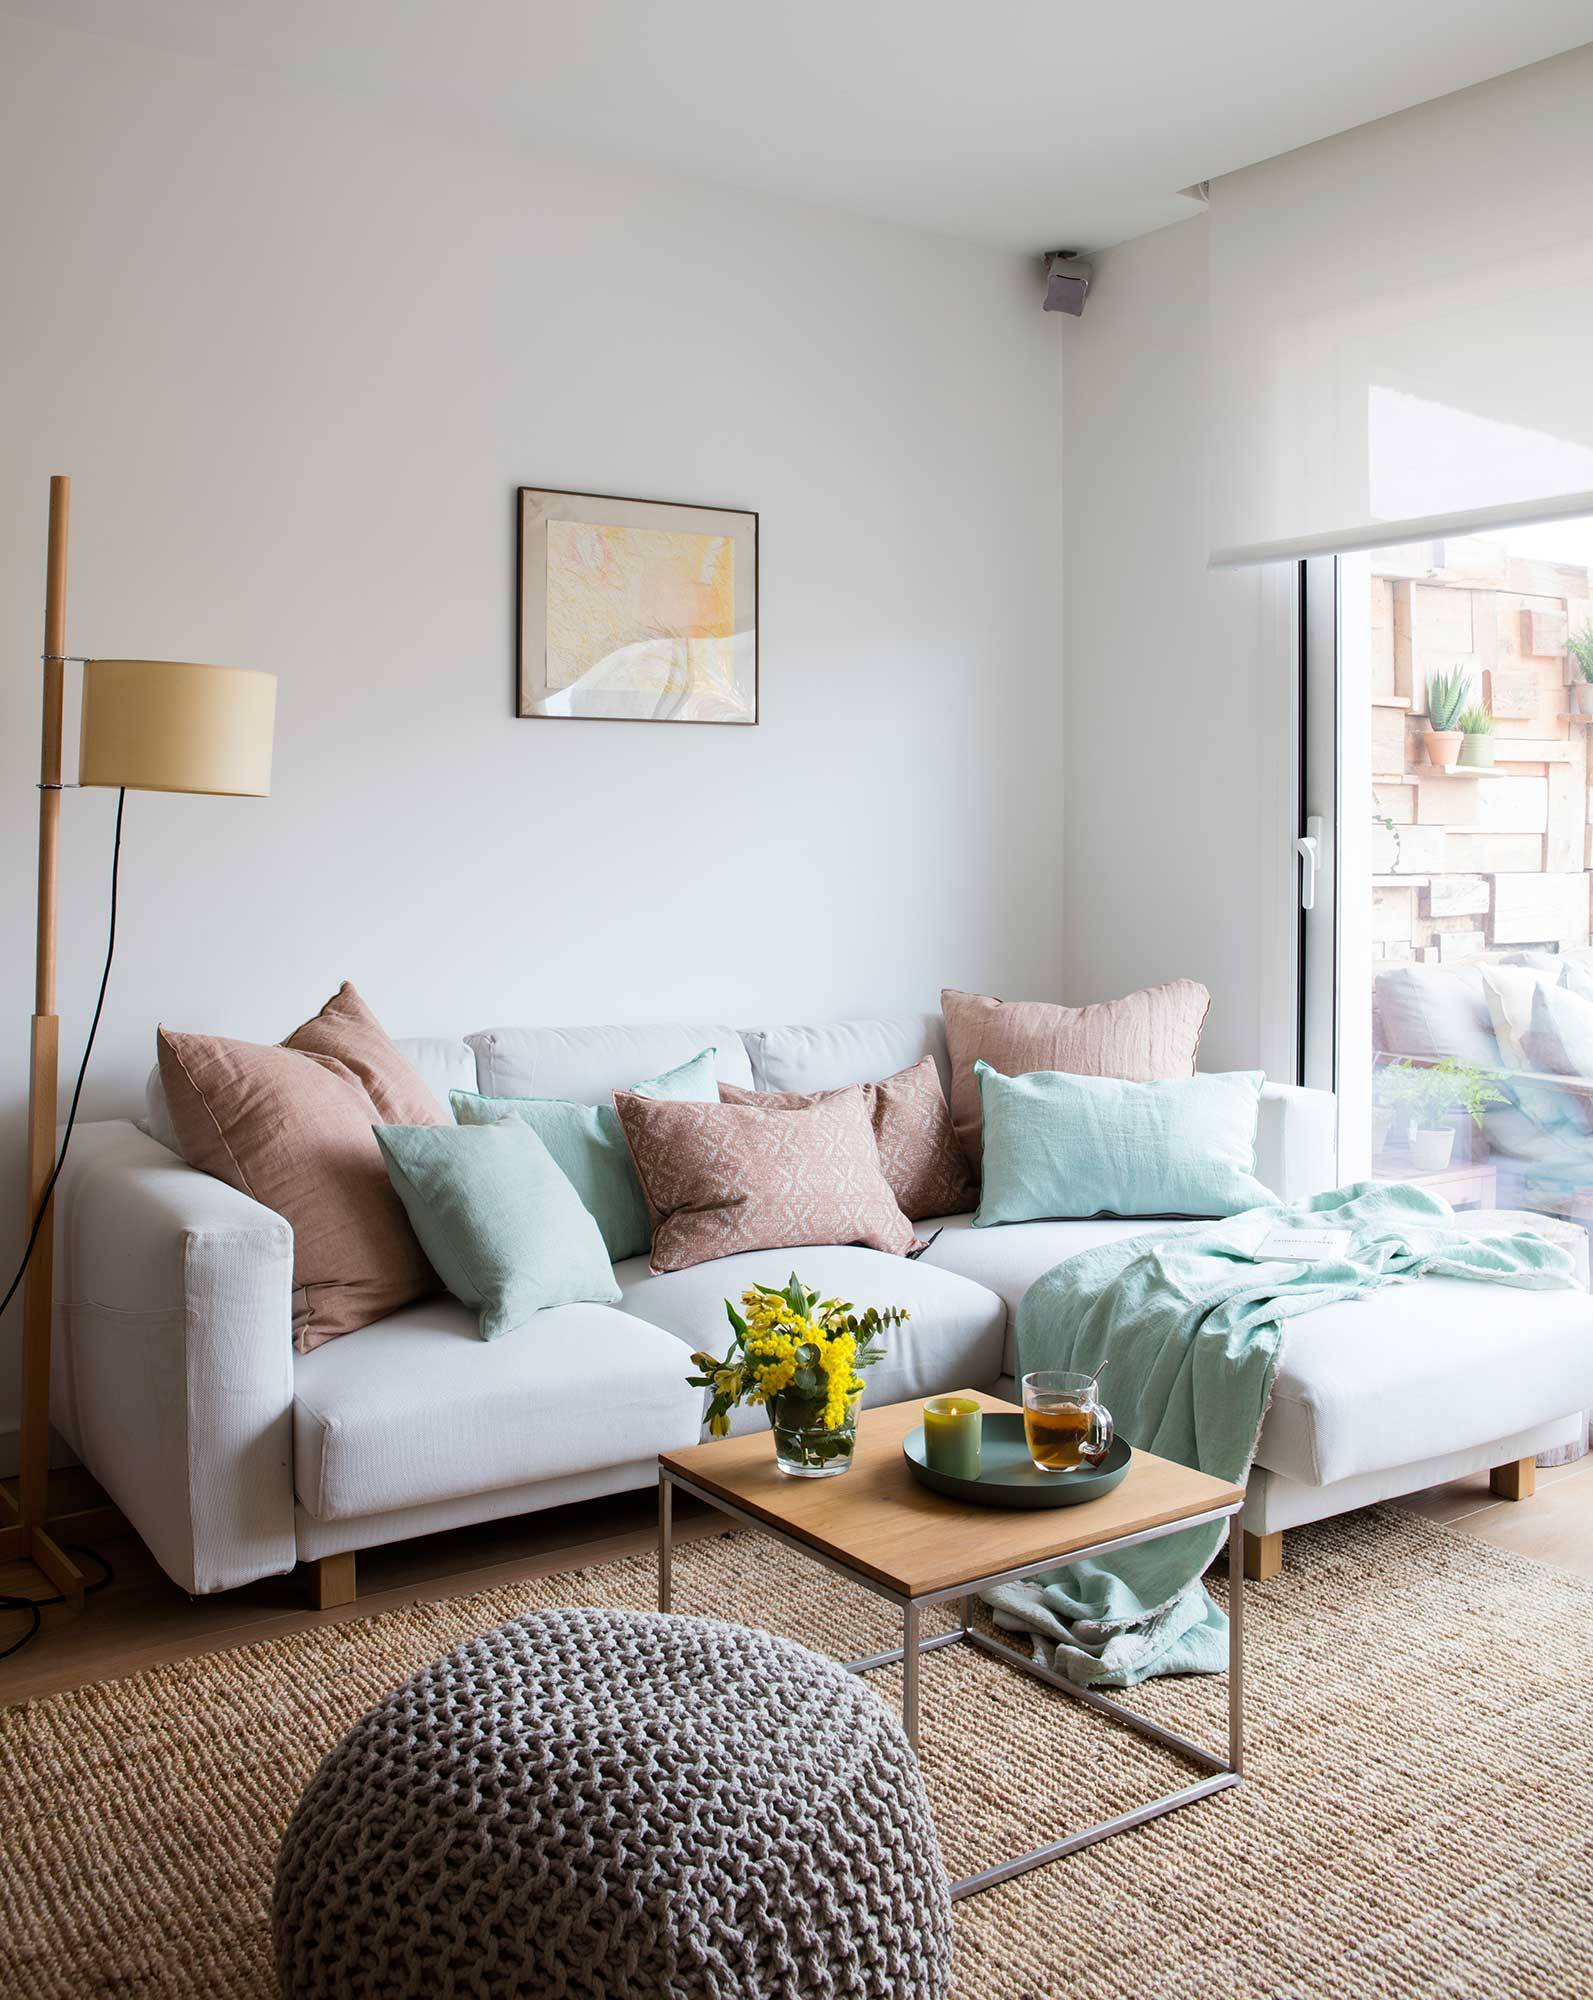 Salón pequeño con sofás chaise longue. ¿Un sofá chaise longue en un salón pequeño?